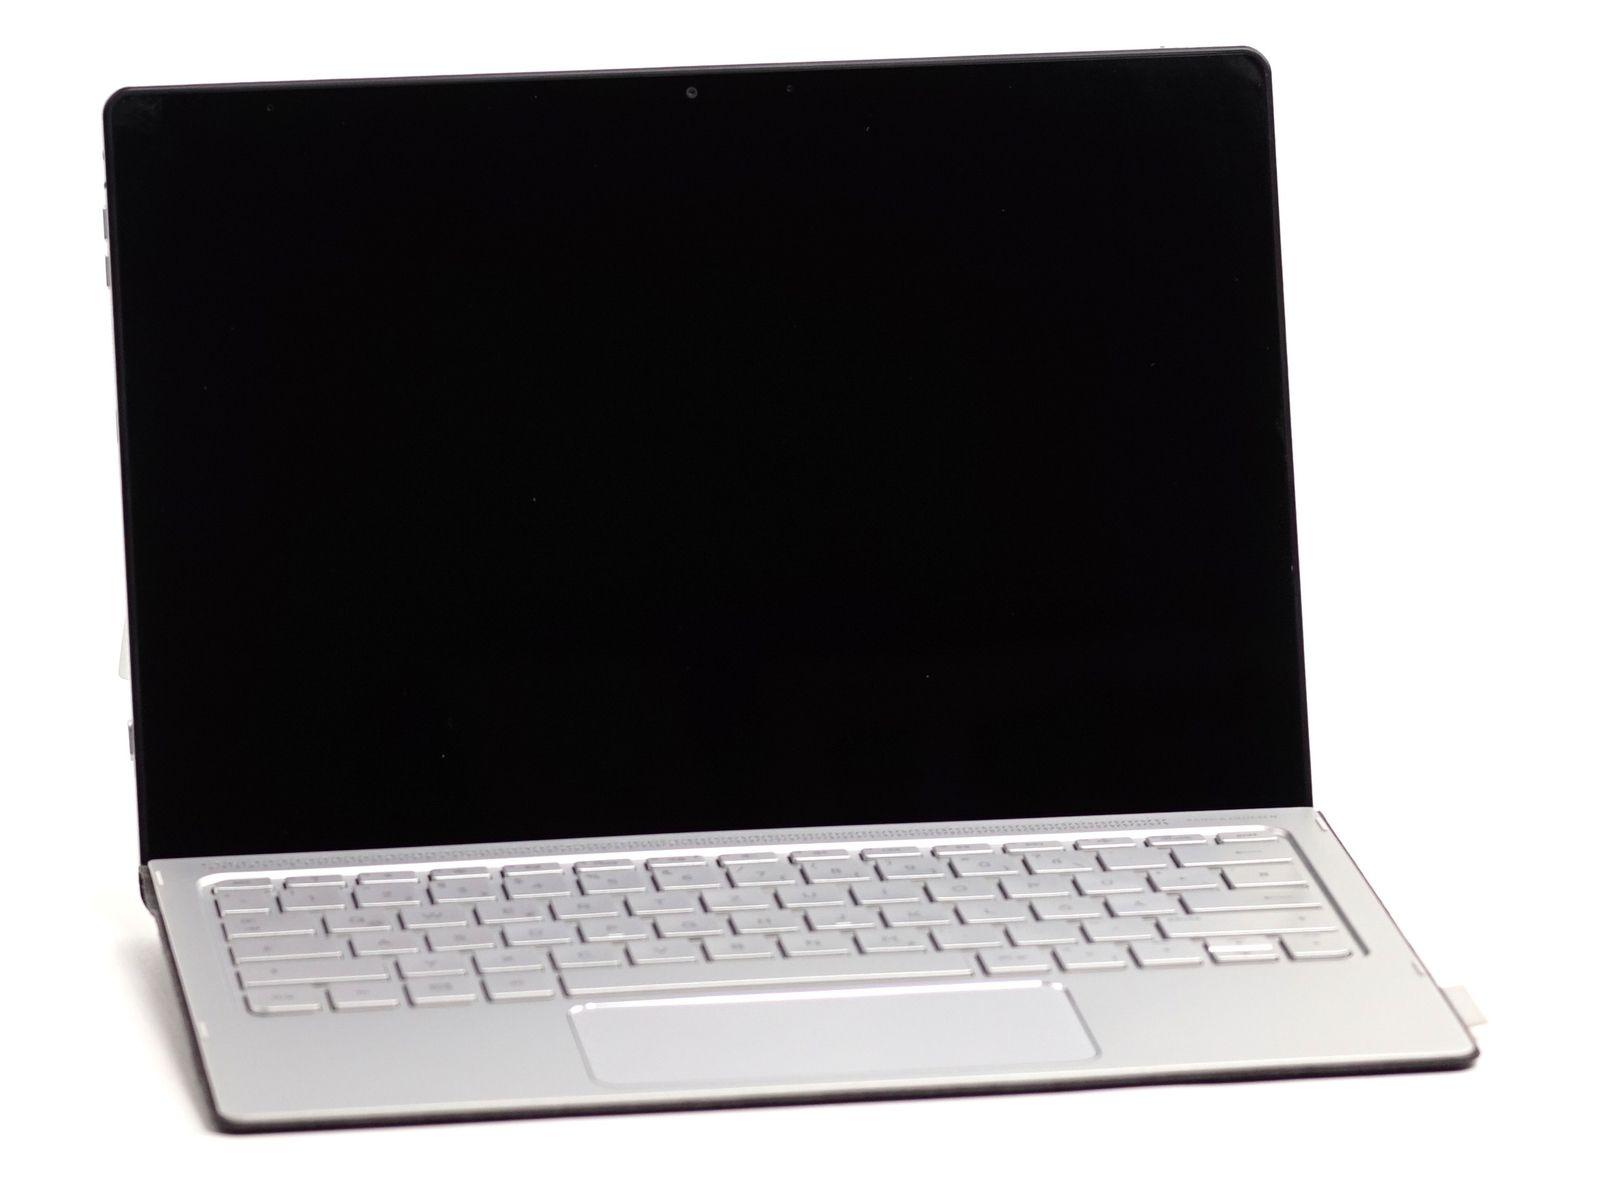 Laptop 2w1 HP Spectre m7 6Y75 256GB SSD 8GB W10